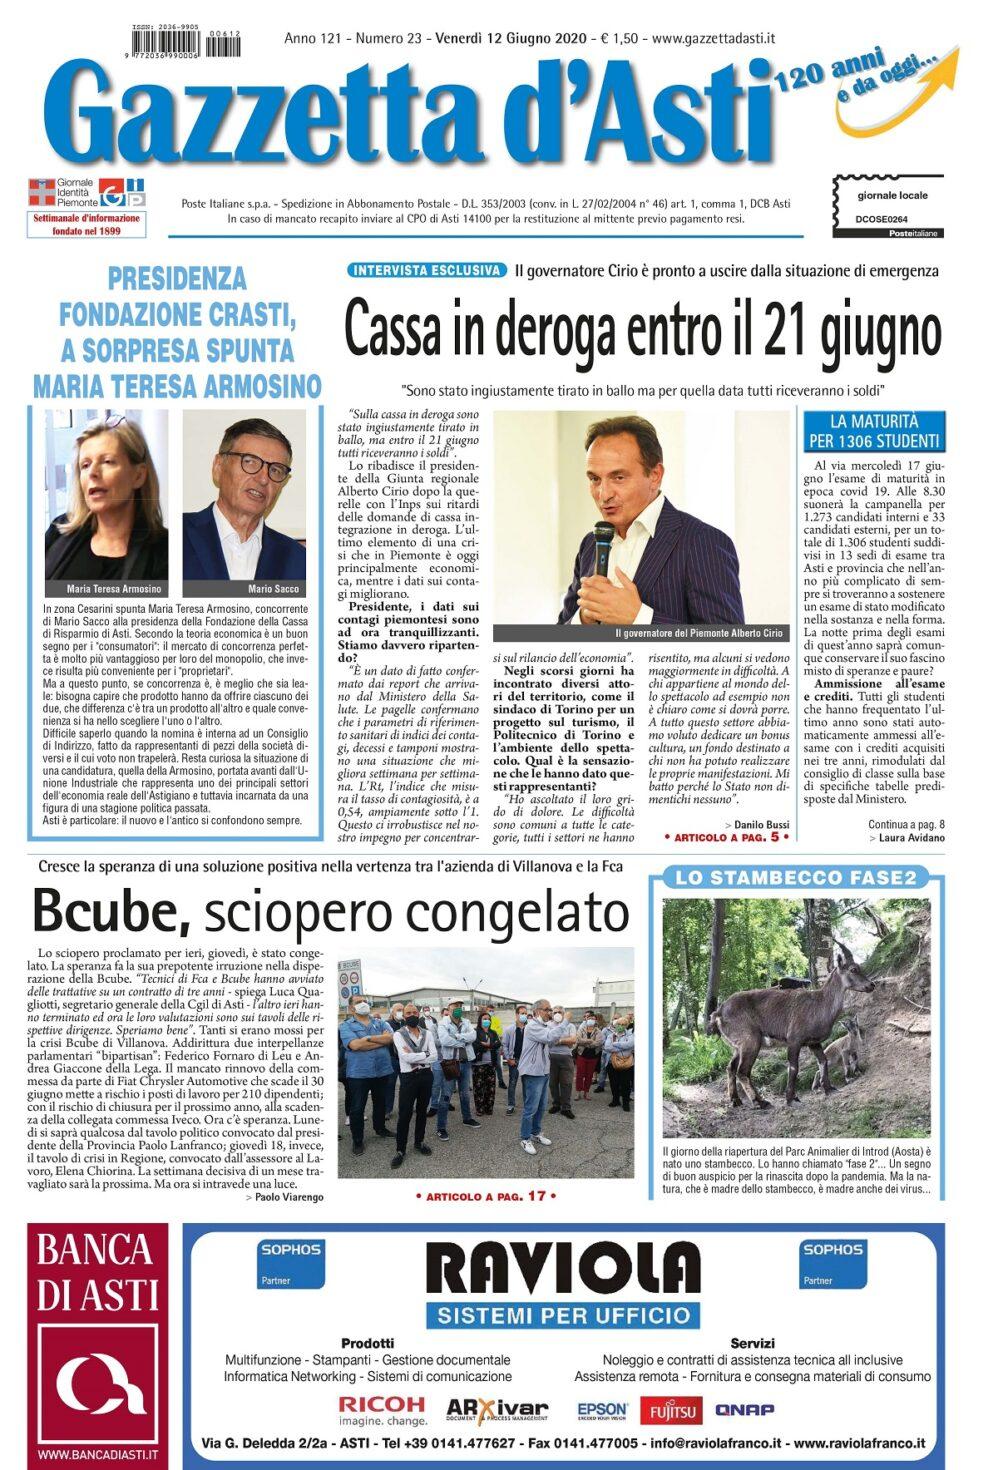 Prima pagina – 12 giugno 2020